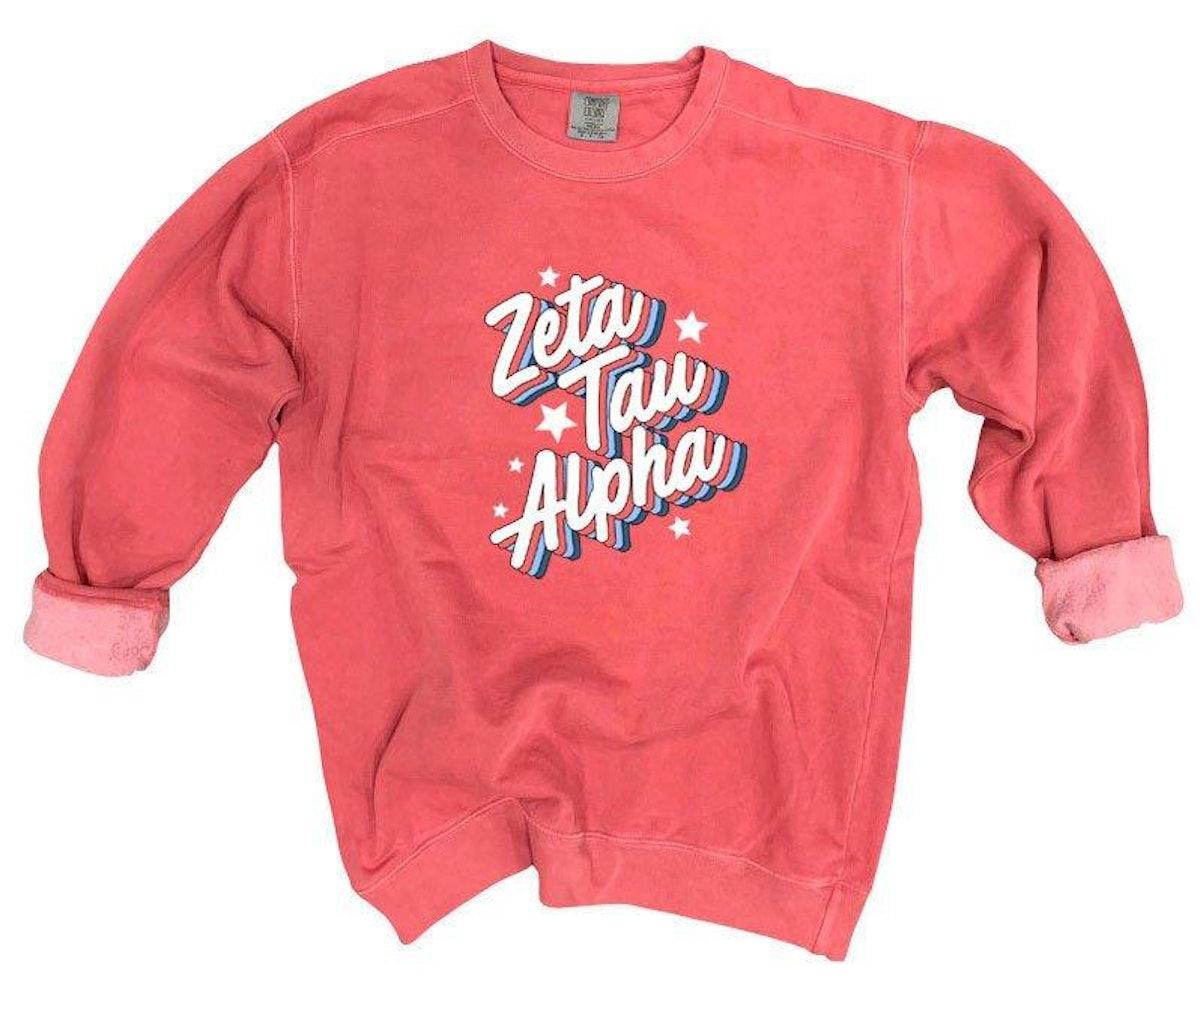 Zeta Tau Alpha Comfort Colors Throwback Sorority Sweatshirt